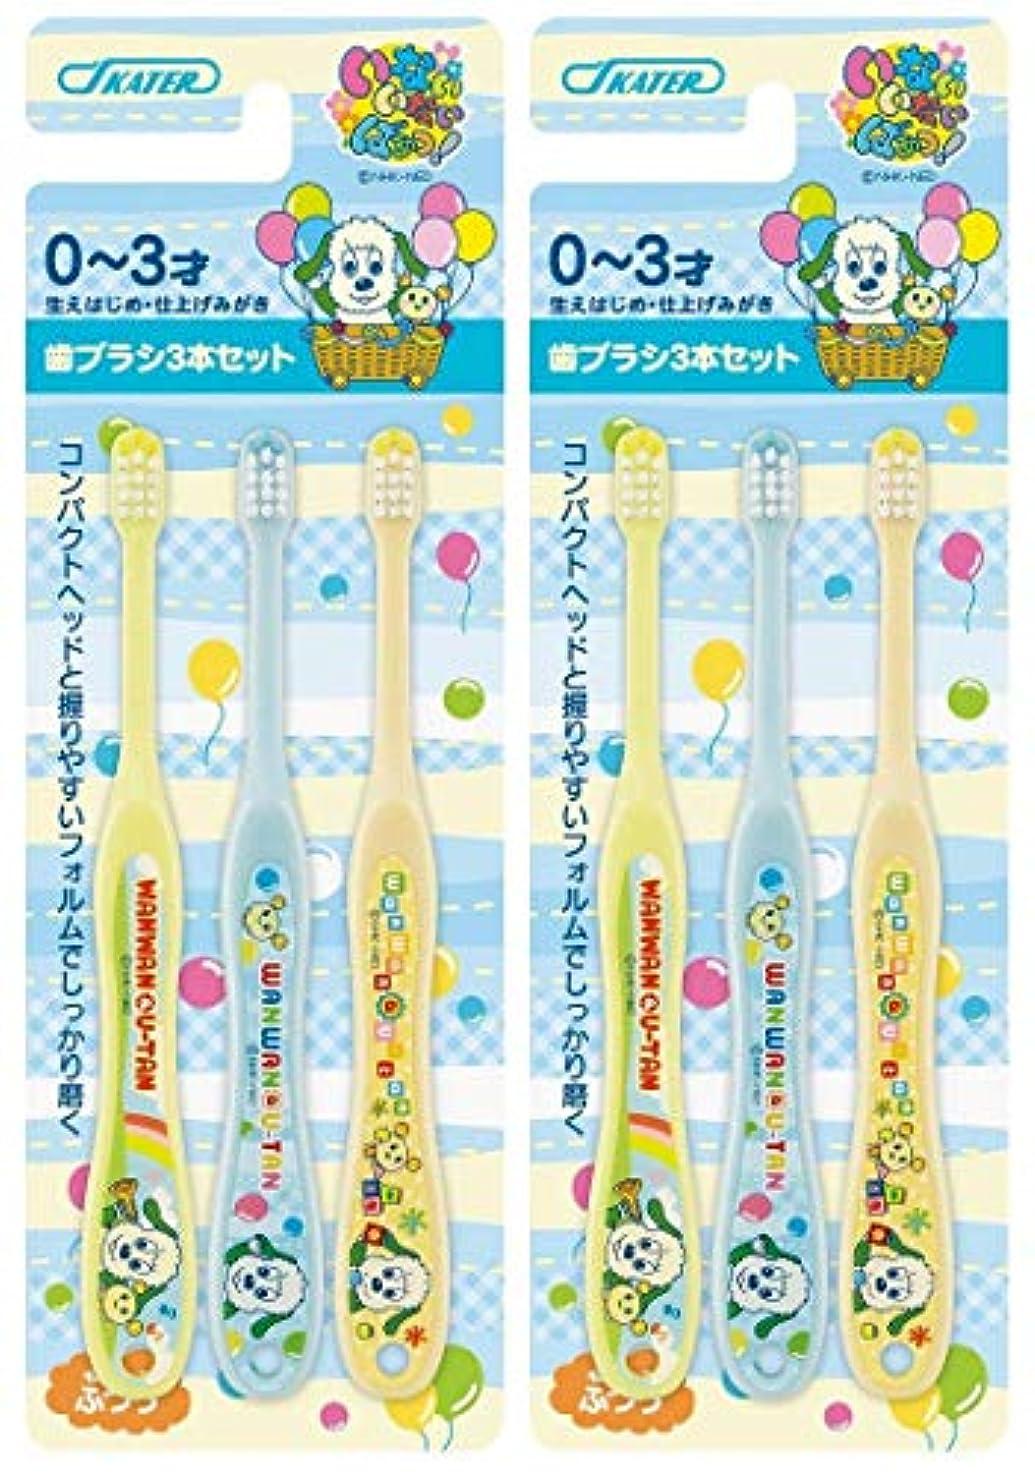 バイバイ貯水池罰するスケーター 歯ブラシ 乳児用 0-3才 普通 6本セット (3本セット×2個) いないいないばあ TB4T